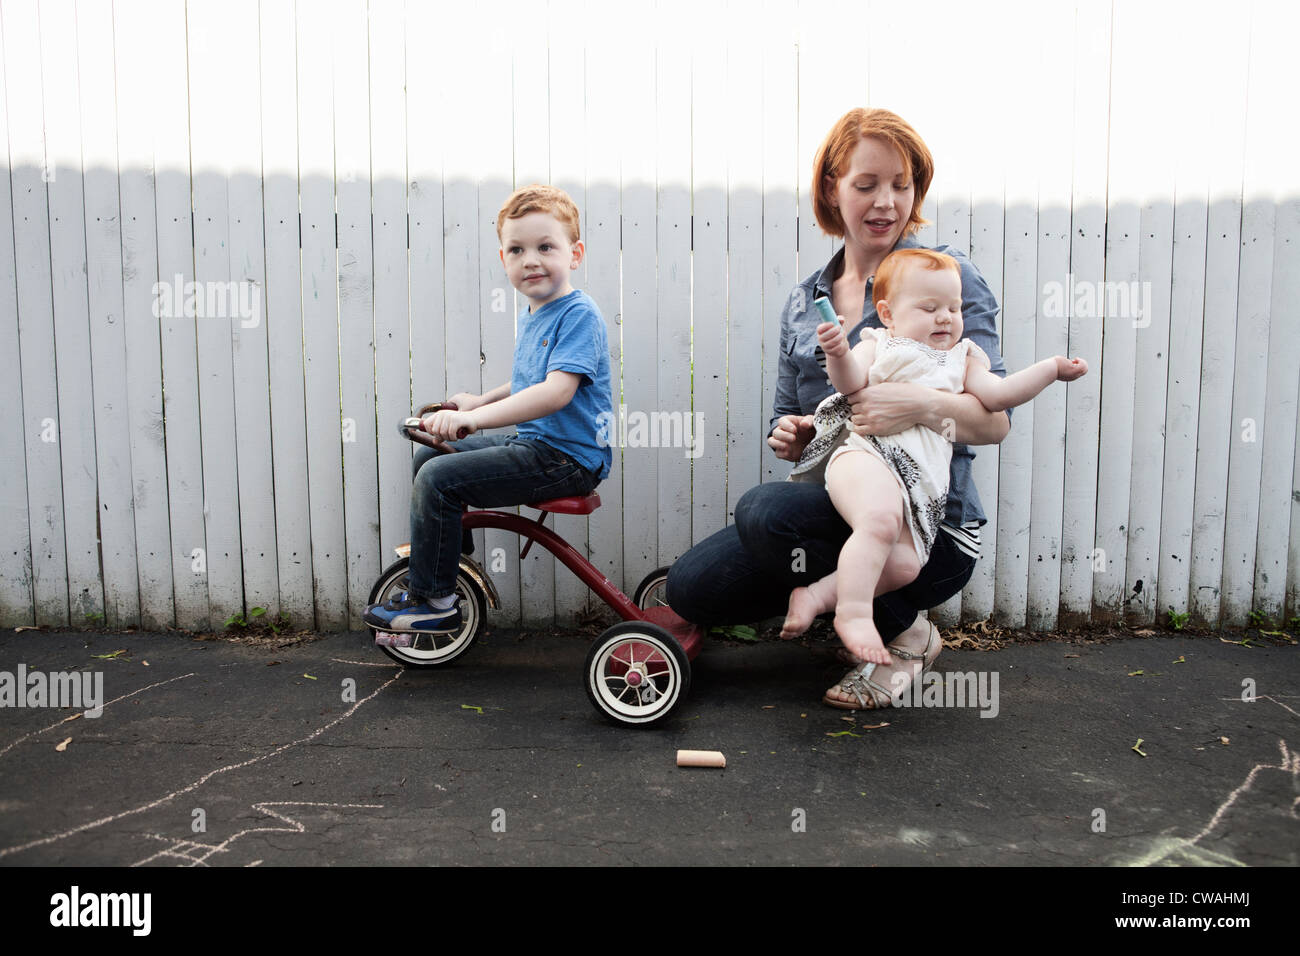 Madre jugando en el patio con dos niños Imagen De Stock